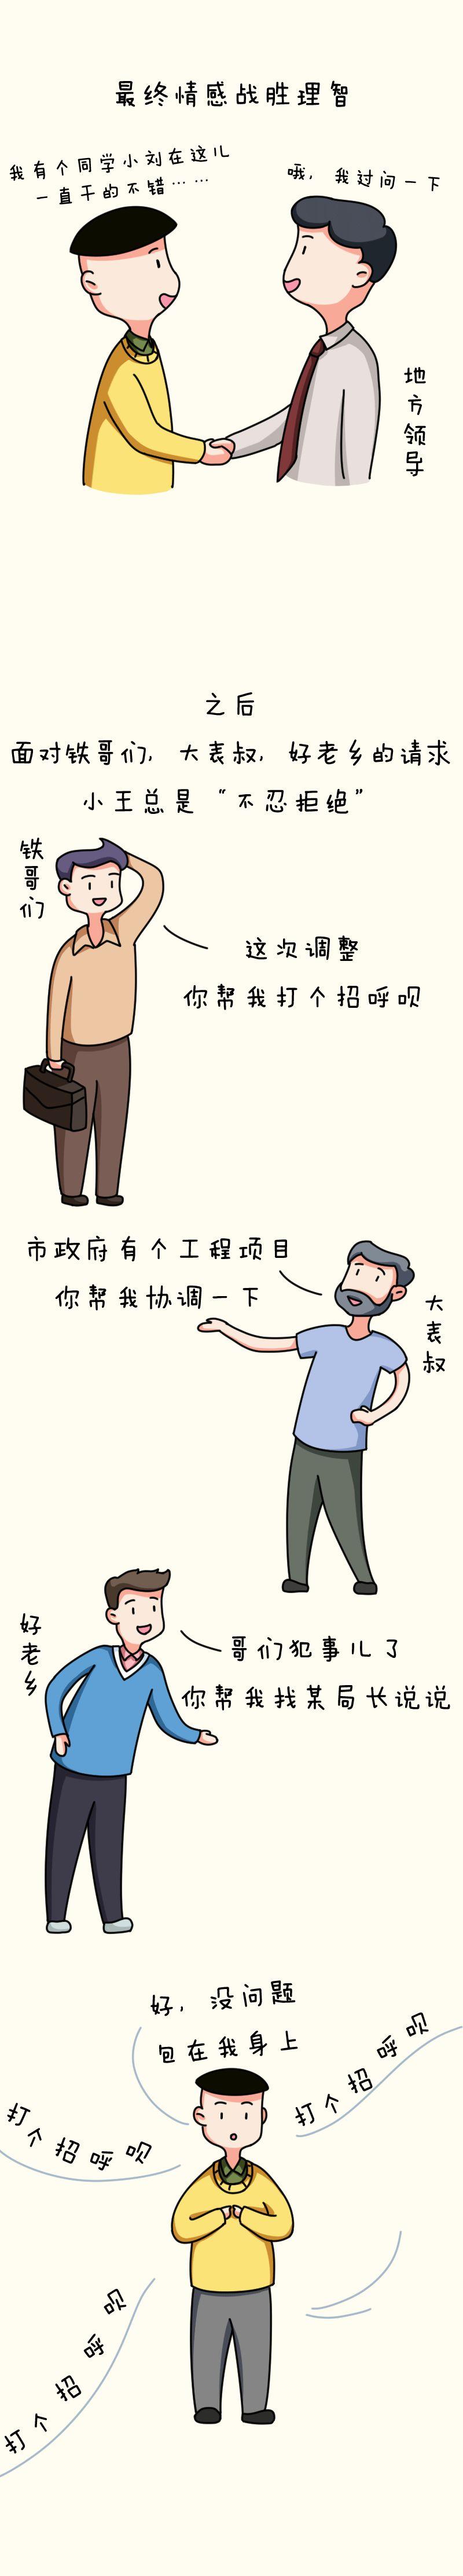 中央纪委国家监委:这样举报他人 不可以(图)